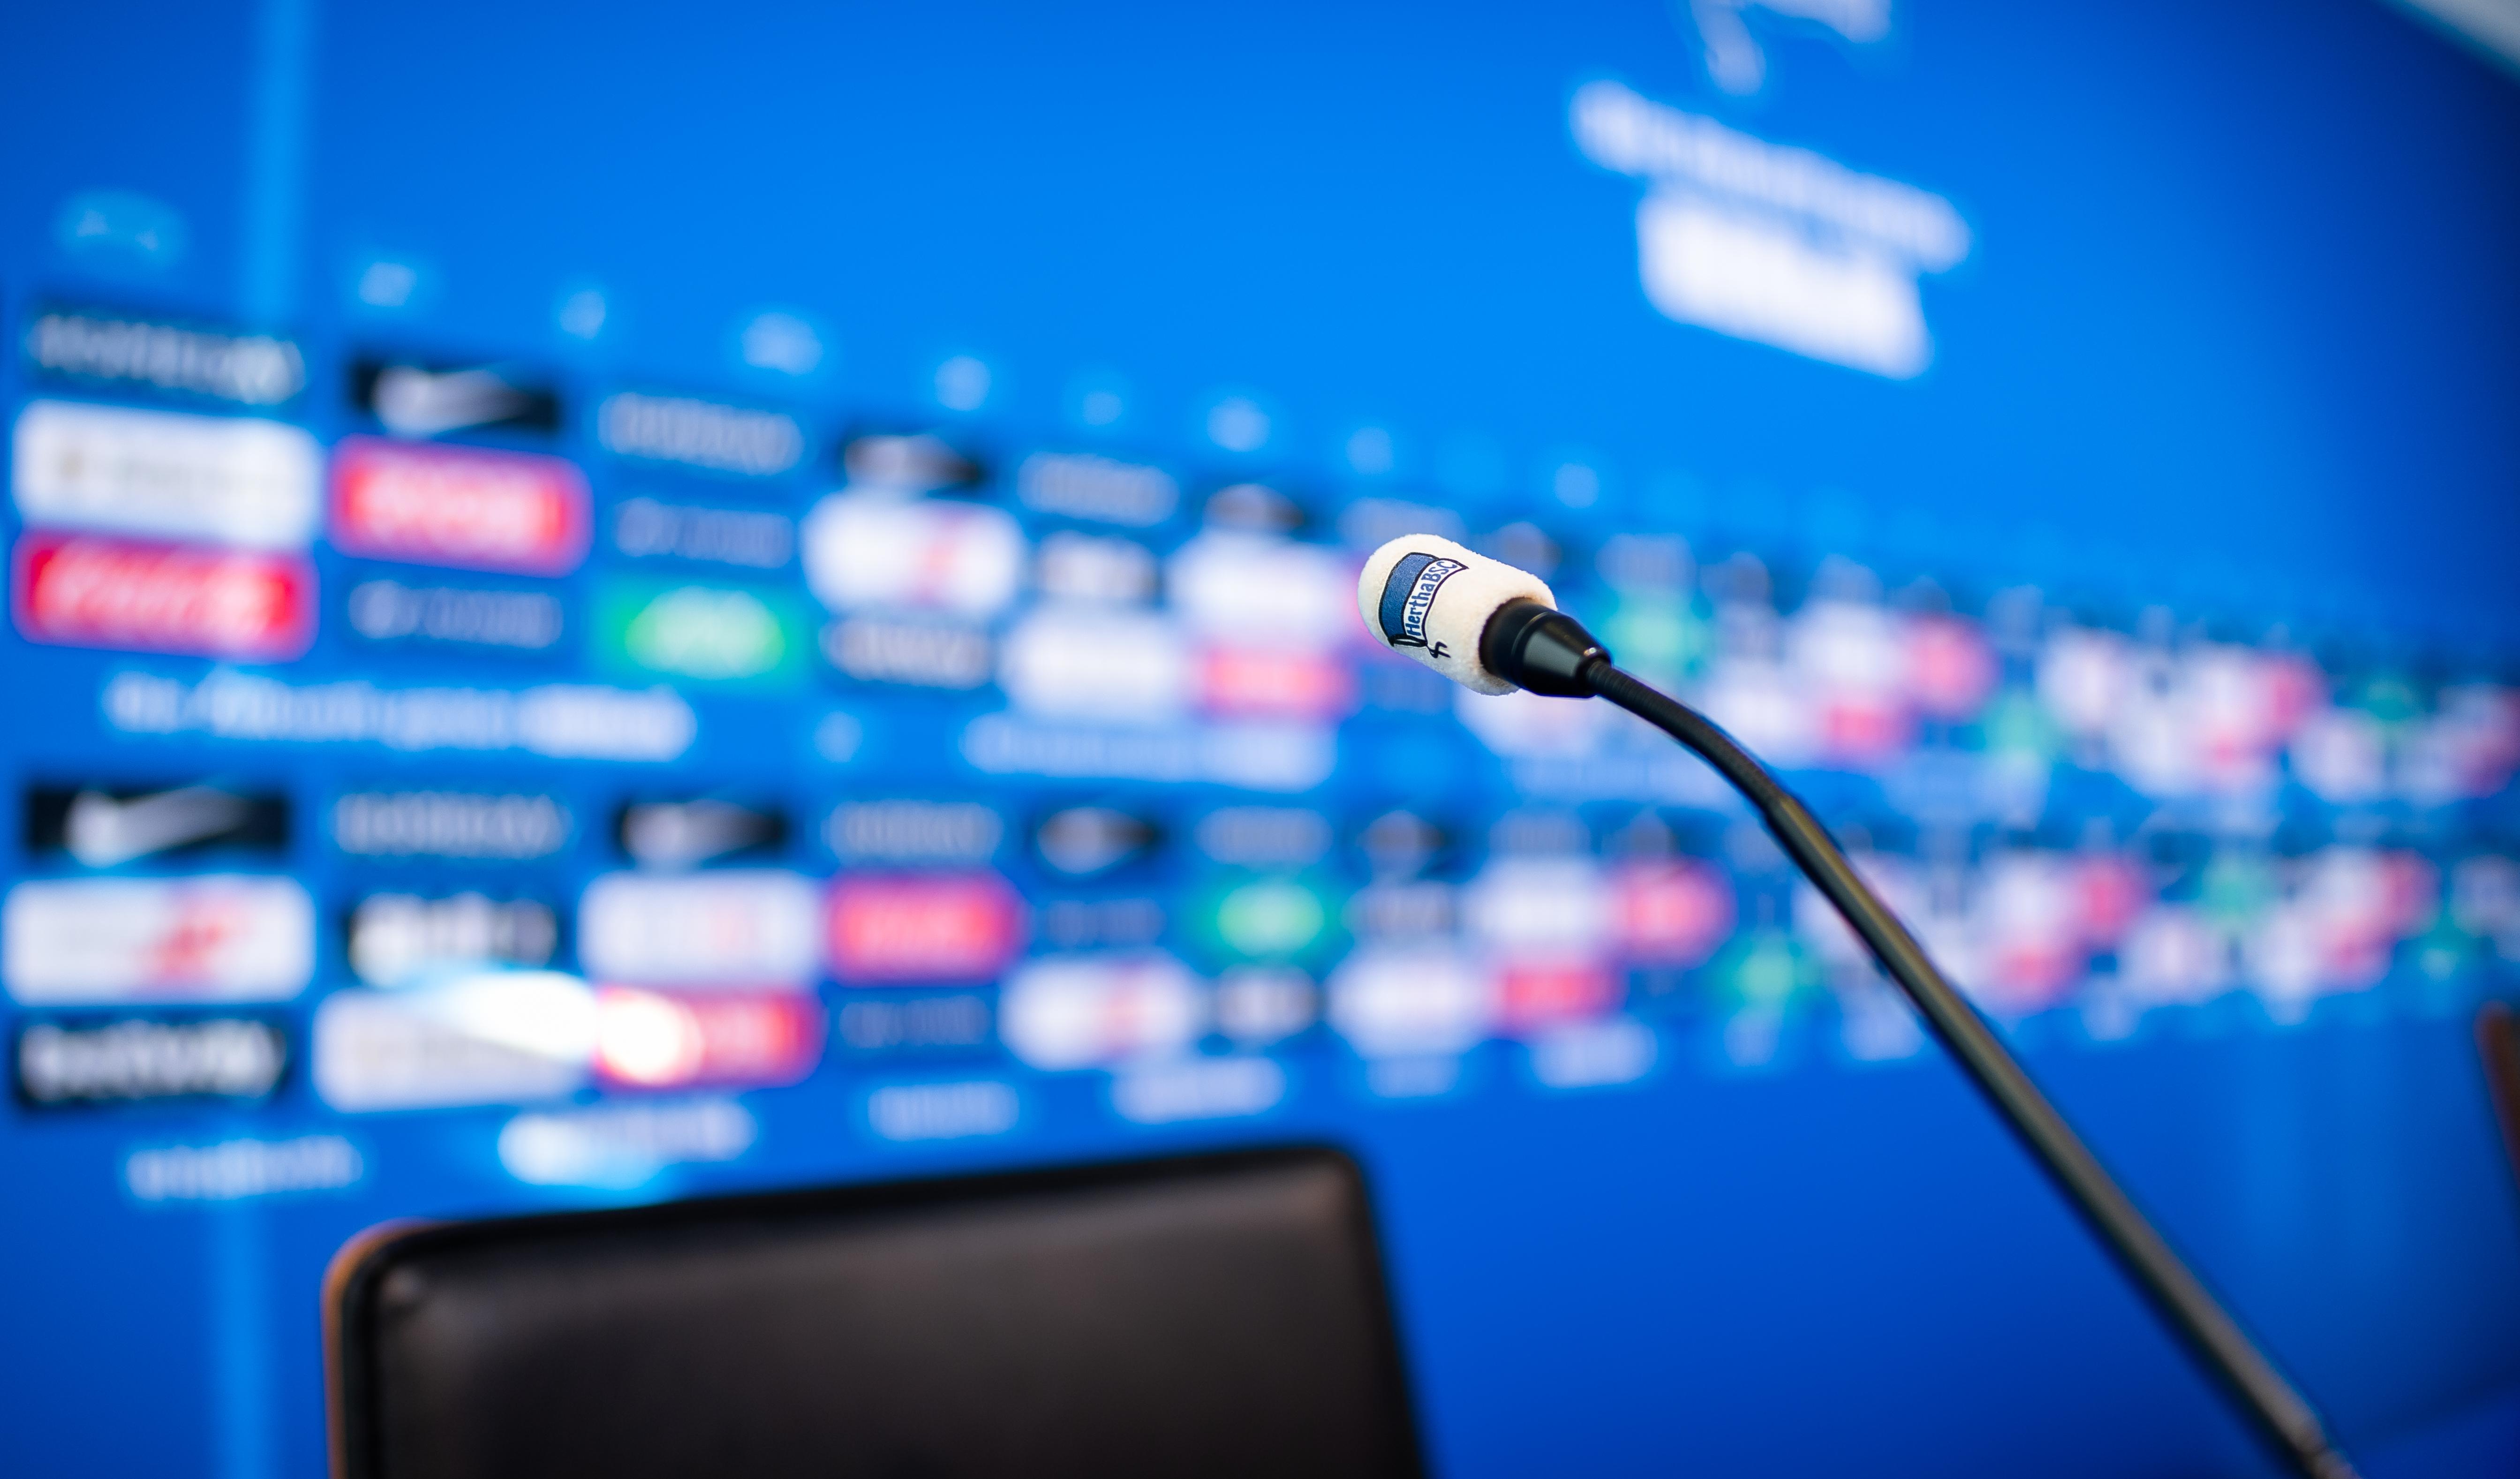 Das Podium im Medienraum von Hertha BSC